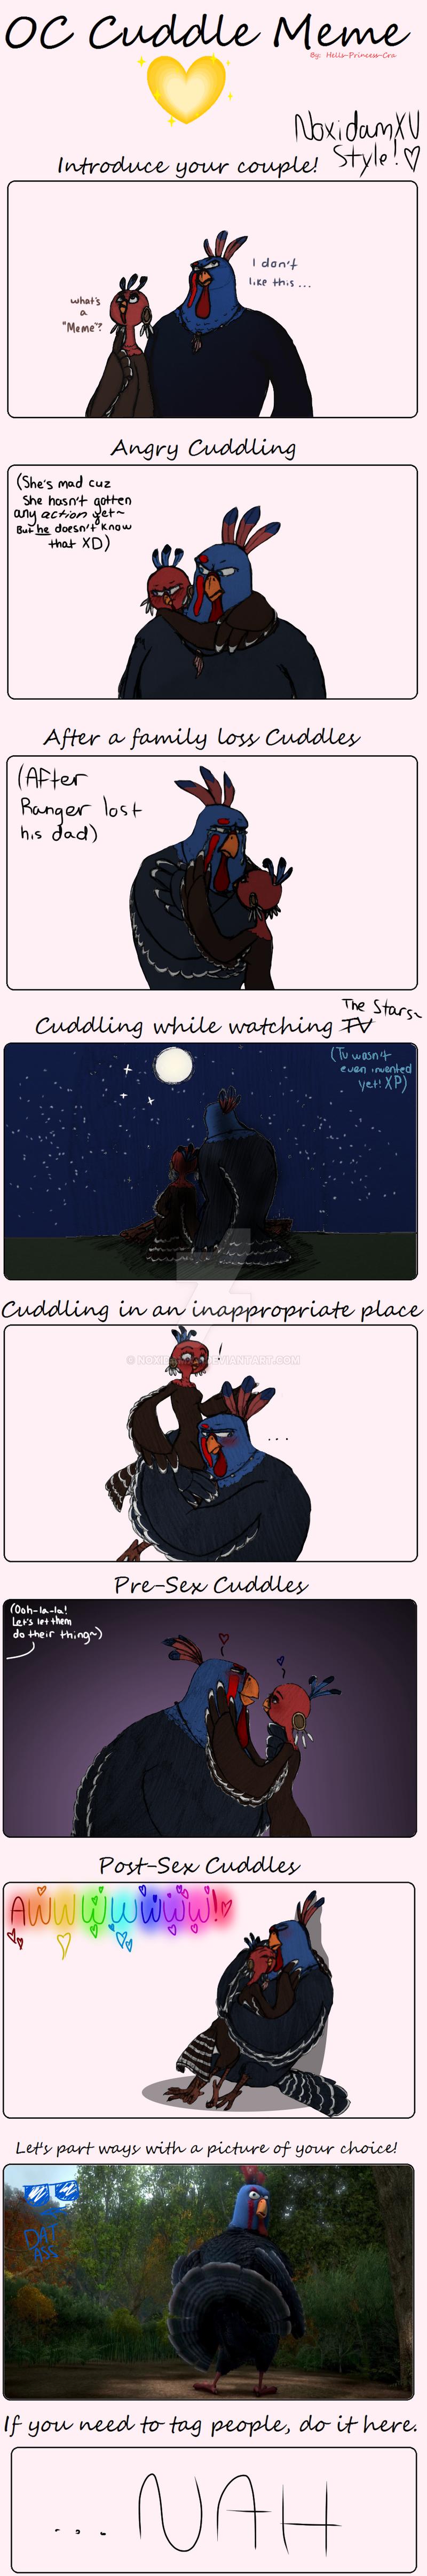 OC Cuddle Meme by NoxidamXV